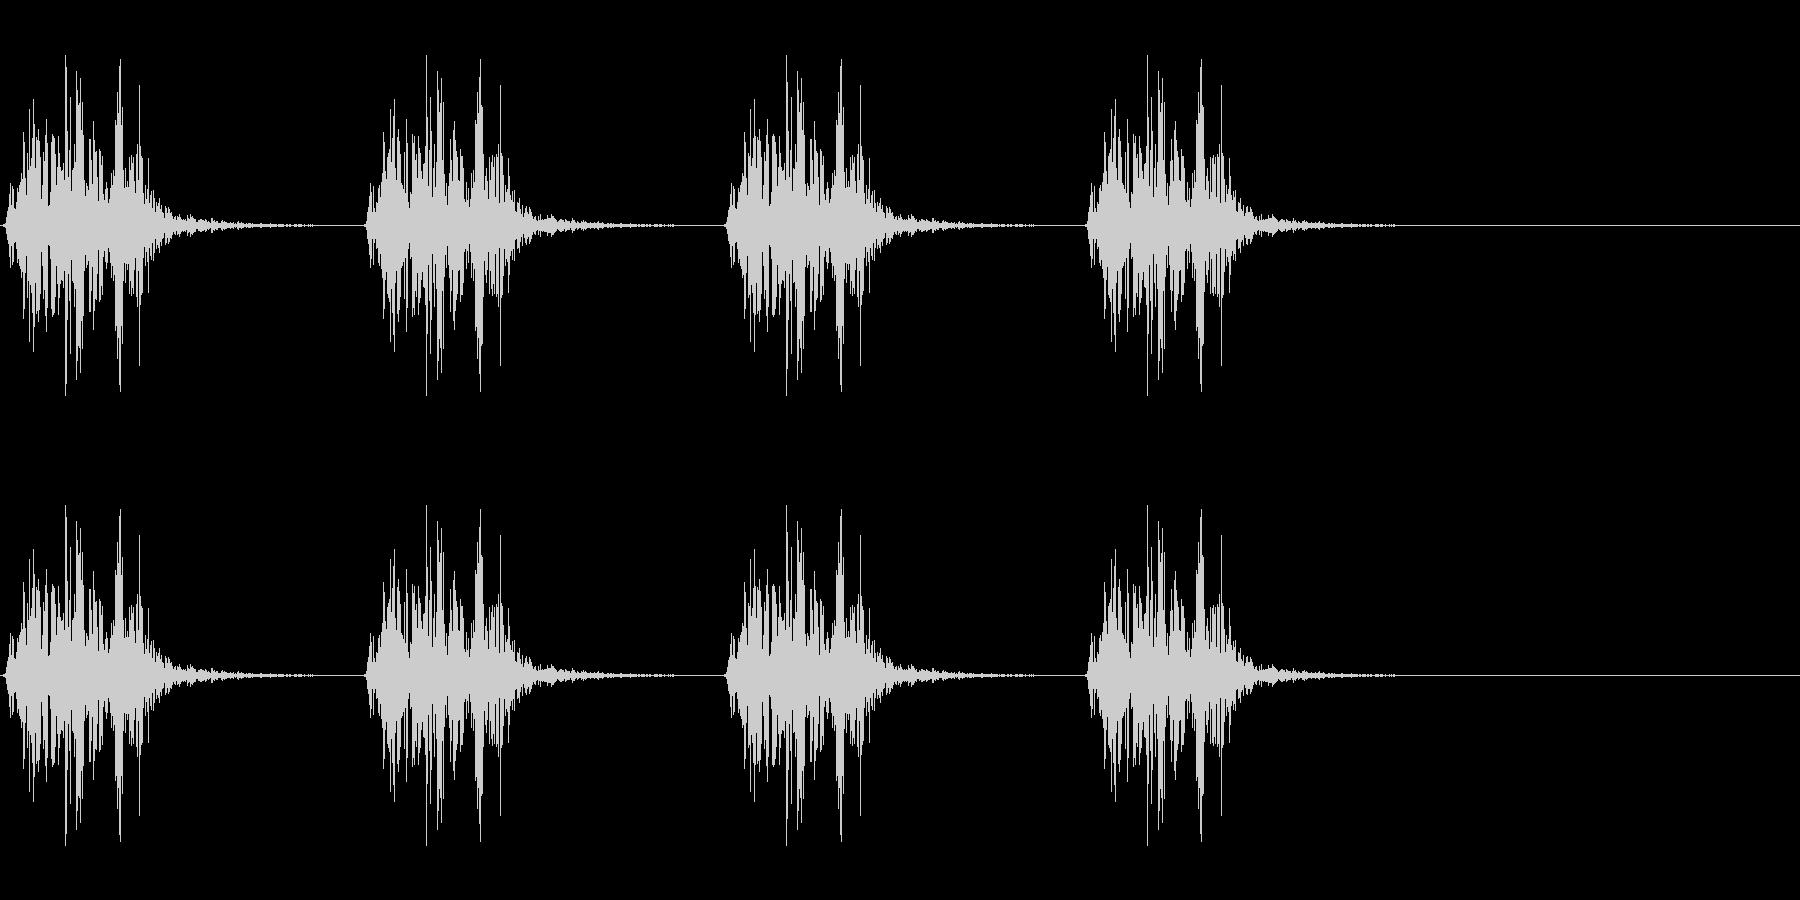 ボコボコ…ボコボコ… 水中での呼吸音の未再生の波形